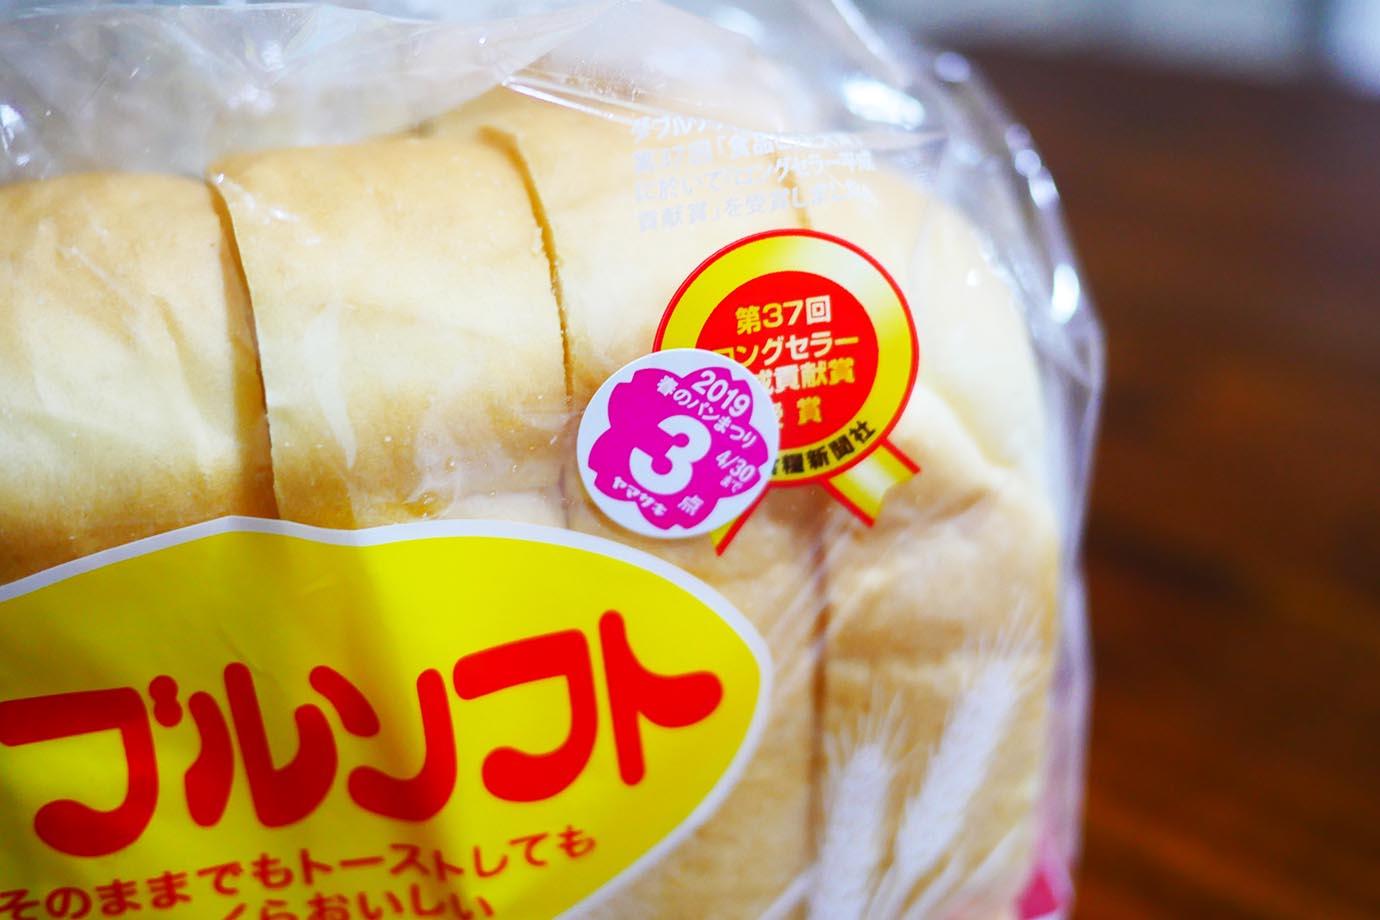 yamazaki-haruno-pan-matsuri2